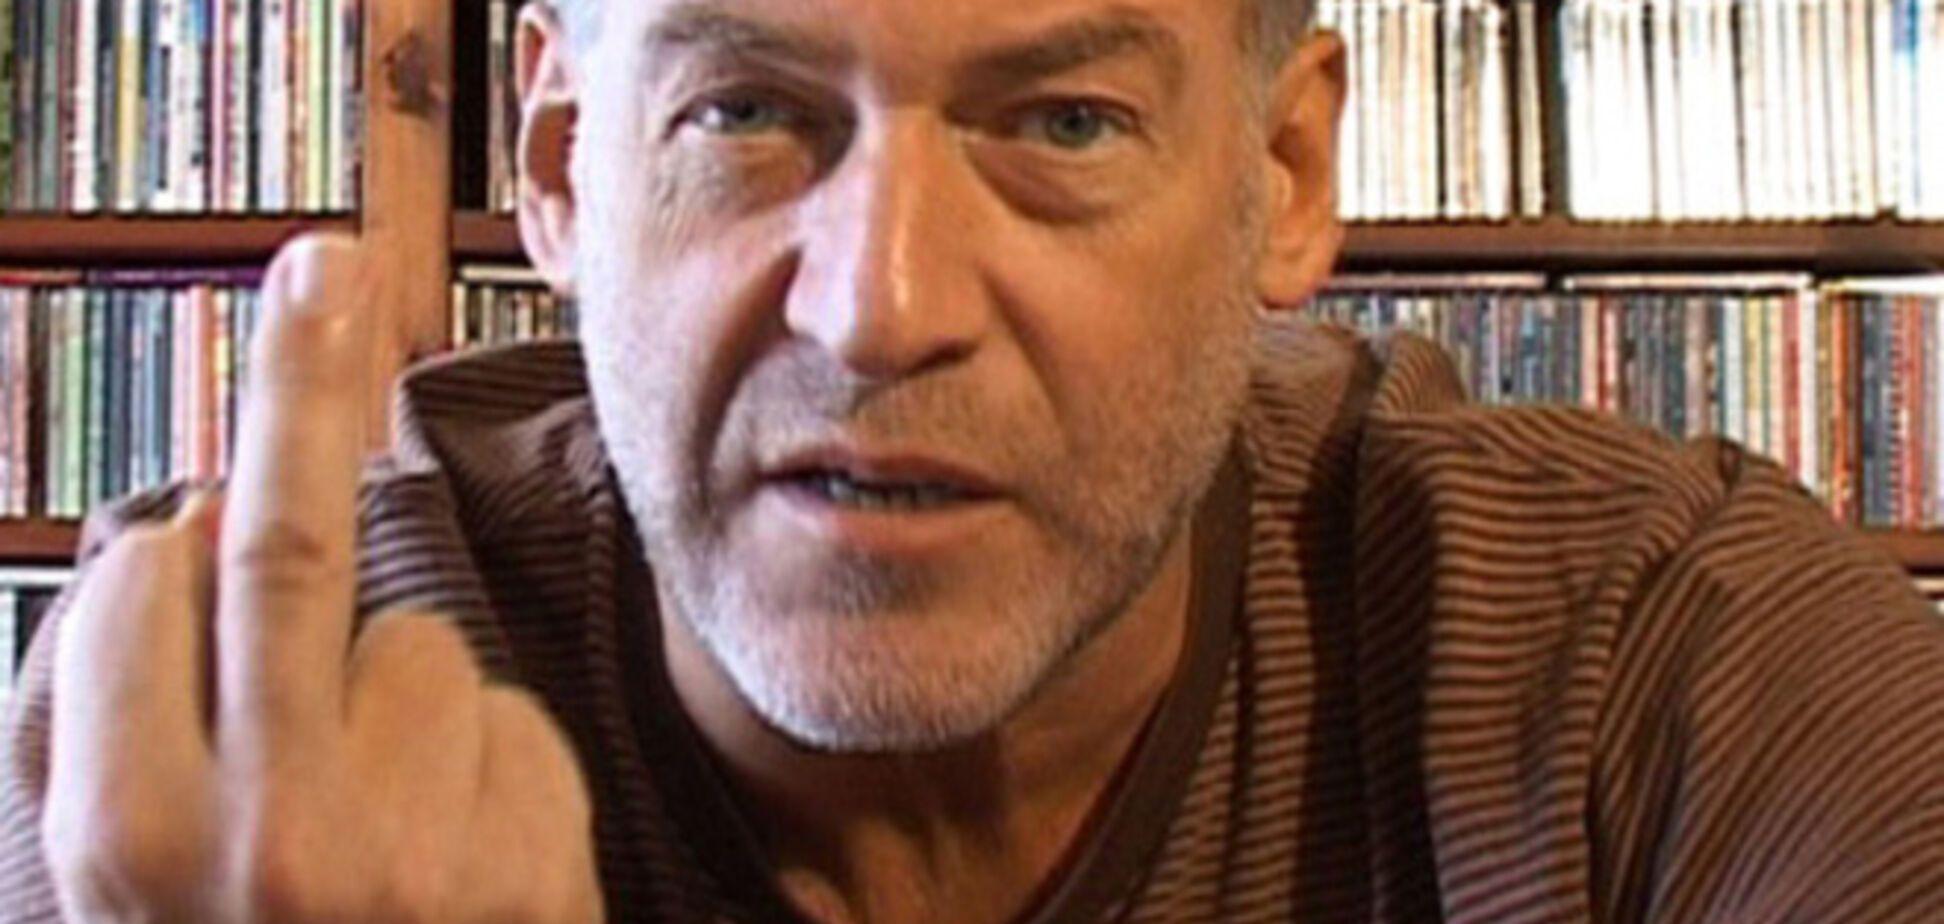 Известный российский журналист назвал руководство 'ВГТРК', 'НТВ', 'Первого канала' убийцами